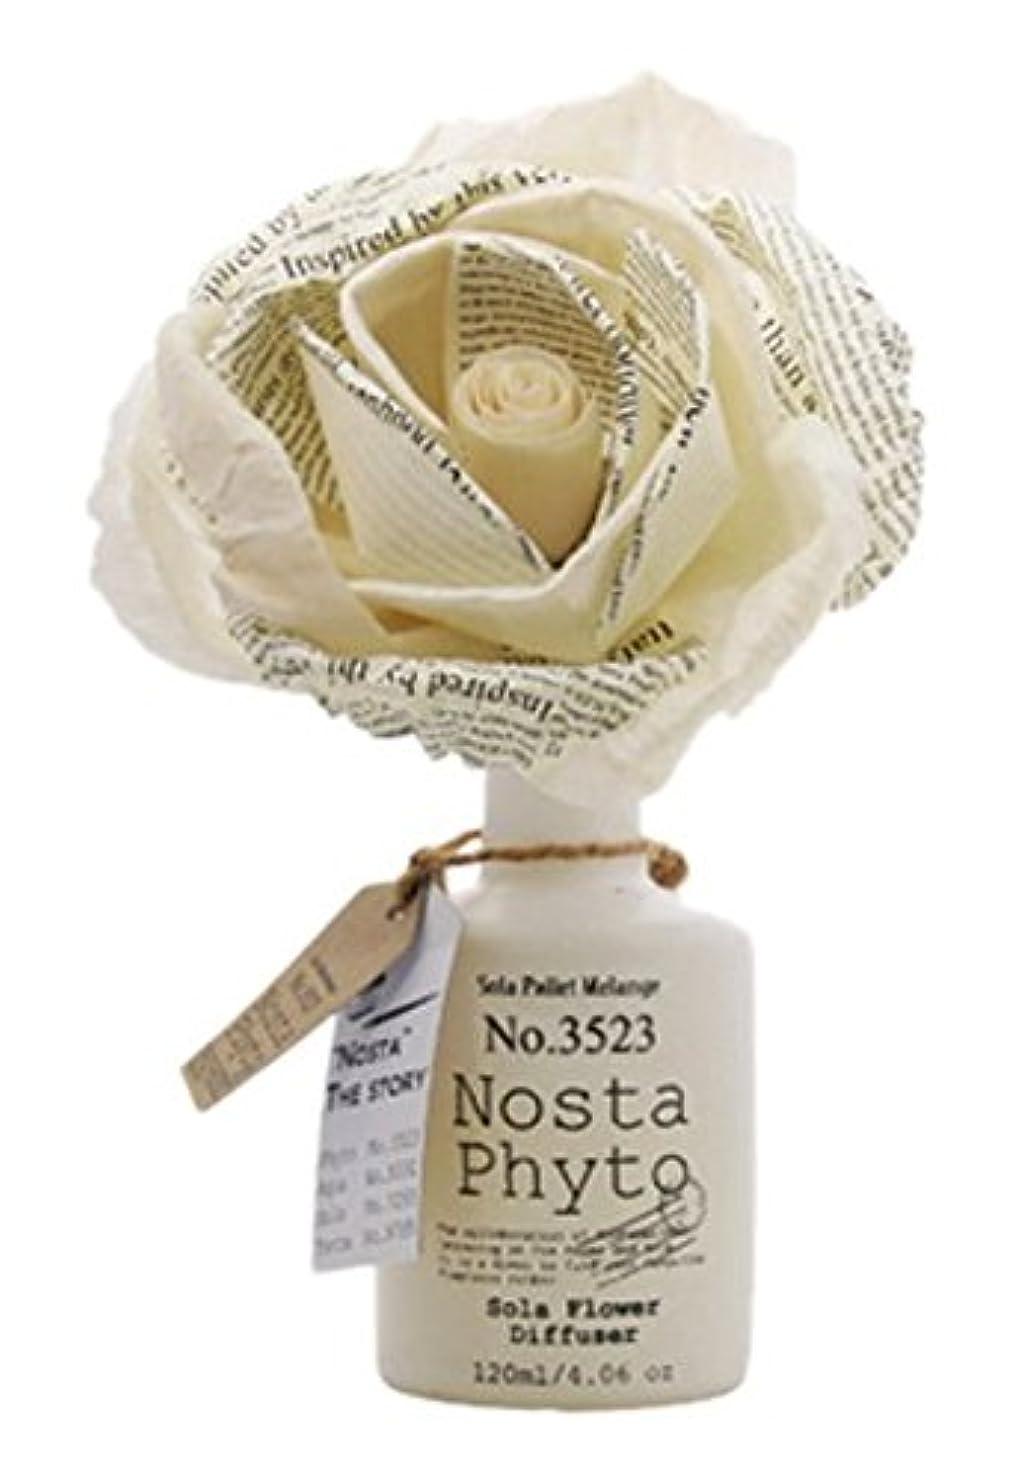 リテラシー無線フォーカスNosta ノスタ Solaflower Diffuser ソラフラワーディフューザー phyto フィト / 植物